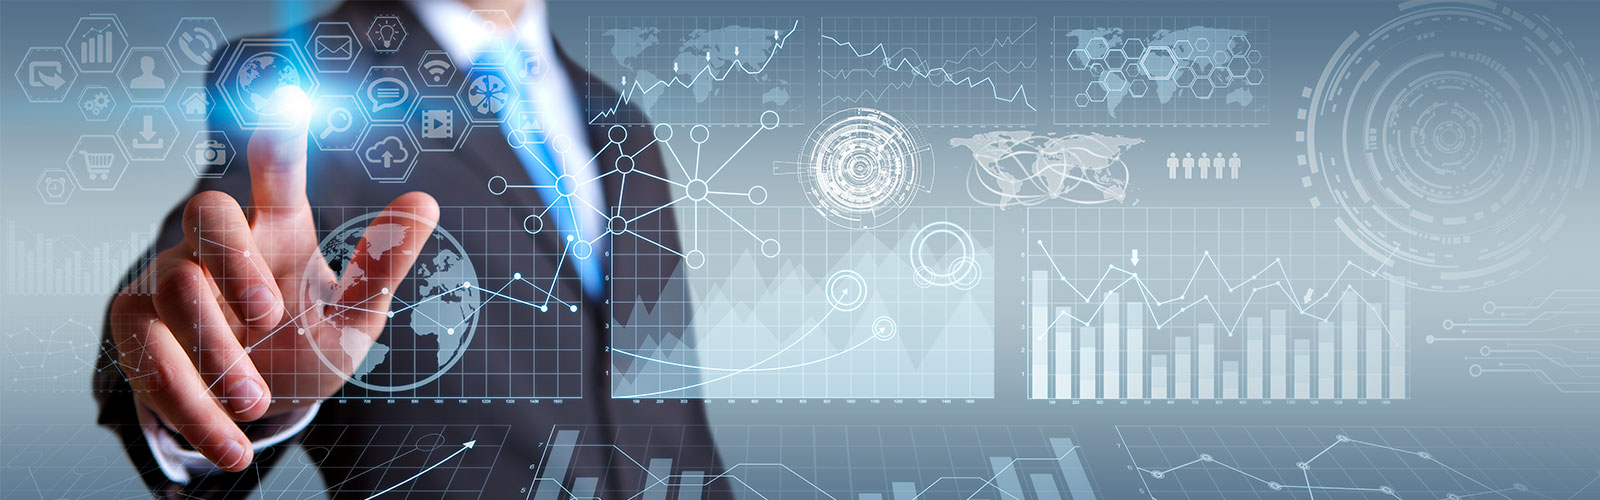 ZÜHLKE - Finanzmanagement - Wareneinkaufsfinanzierung